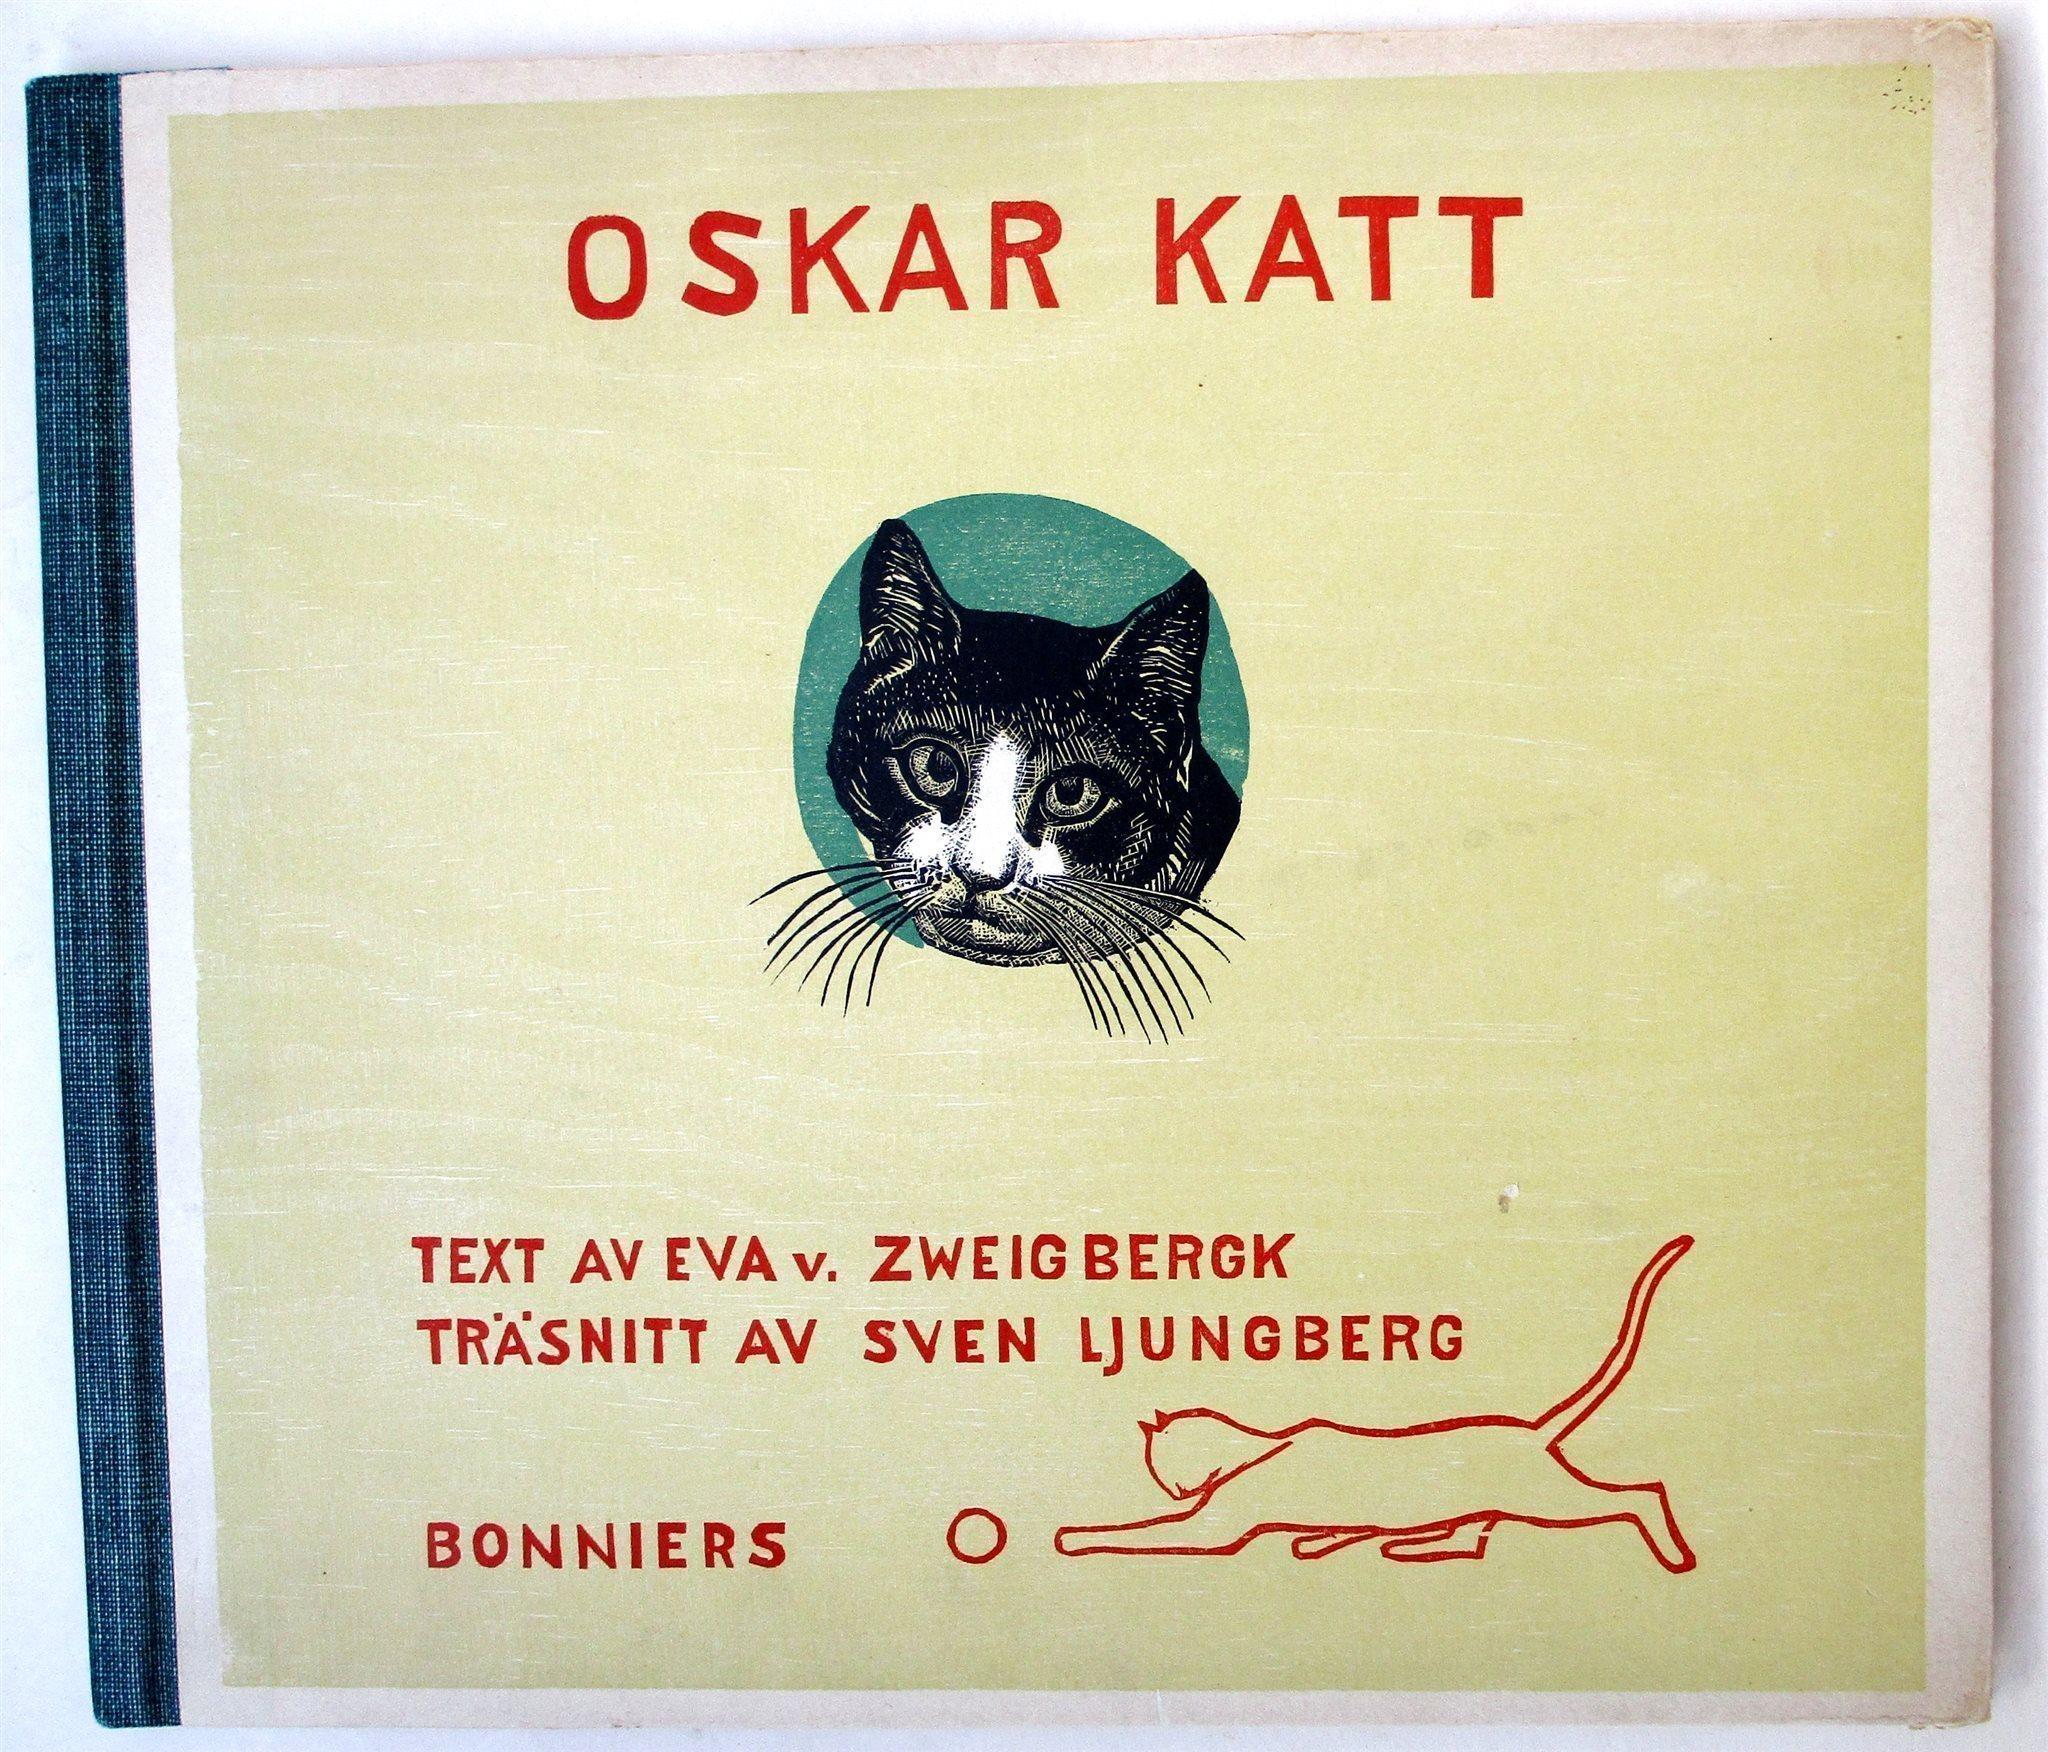 OSKAR KATT med originalträsnitt av Sven Ljungberg,text Eva v. Zweigbergk